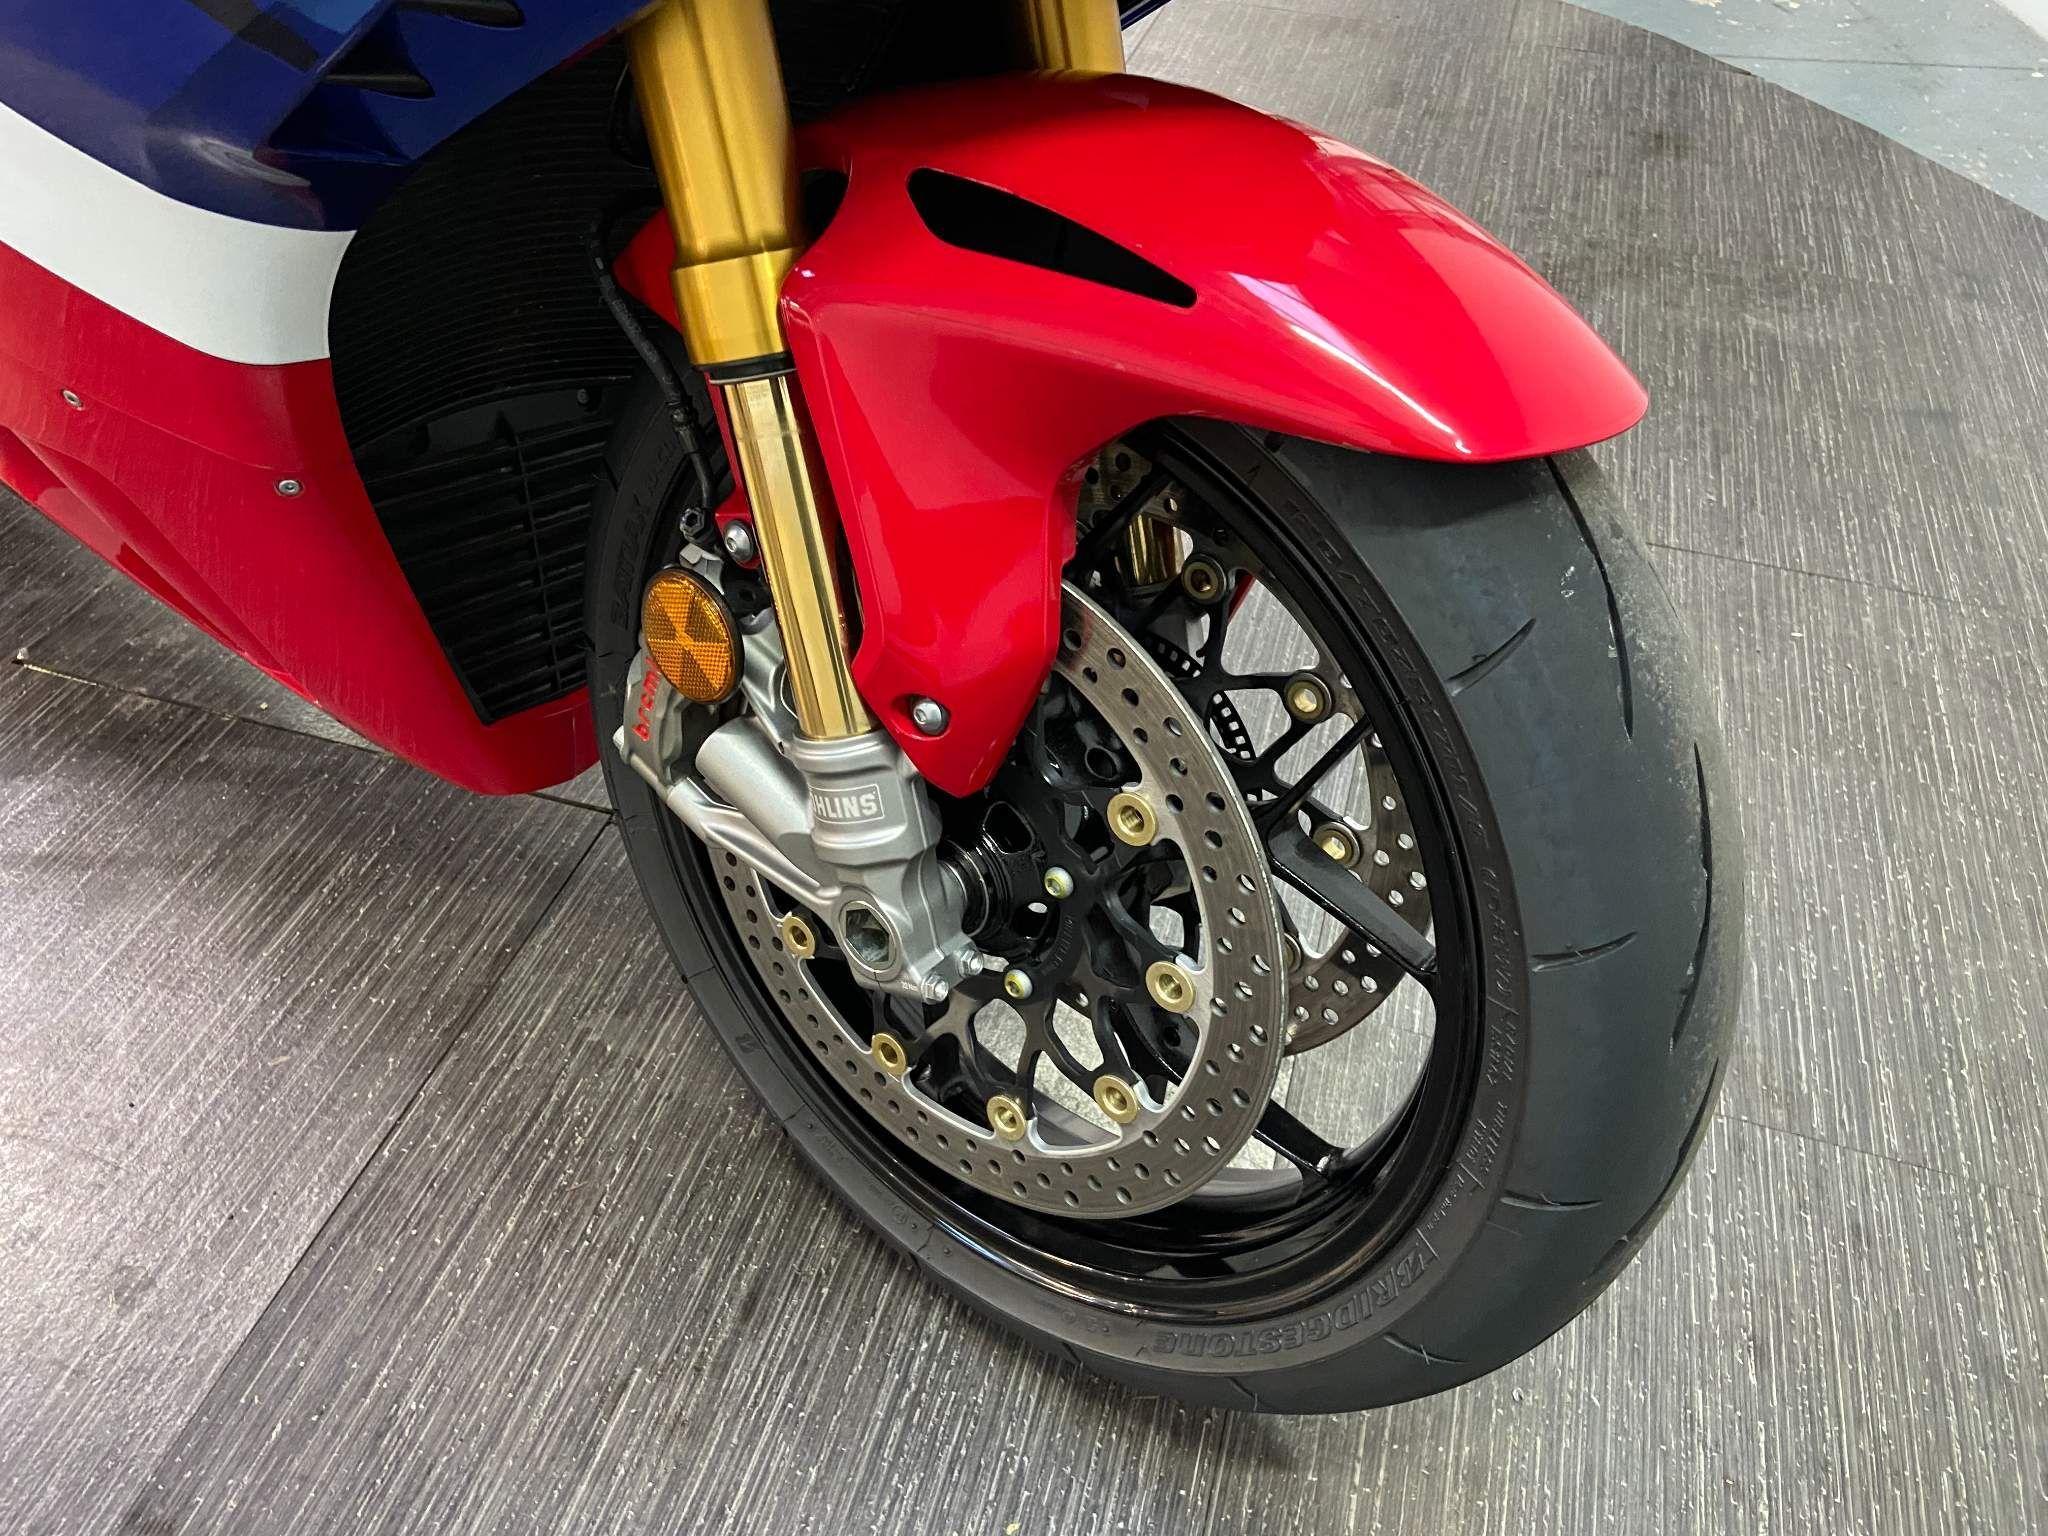 Honda CBR1000RR-R Fireblade Images